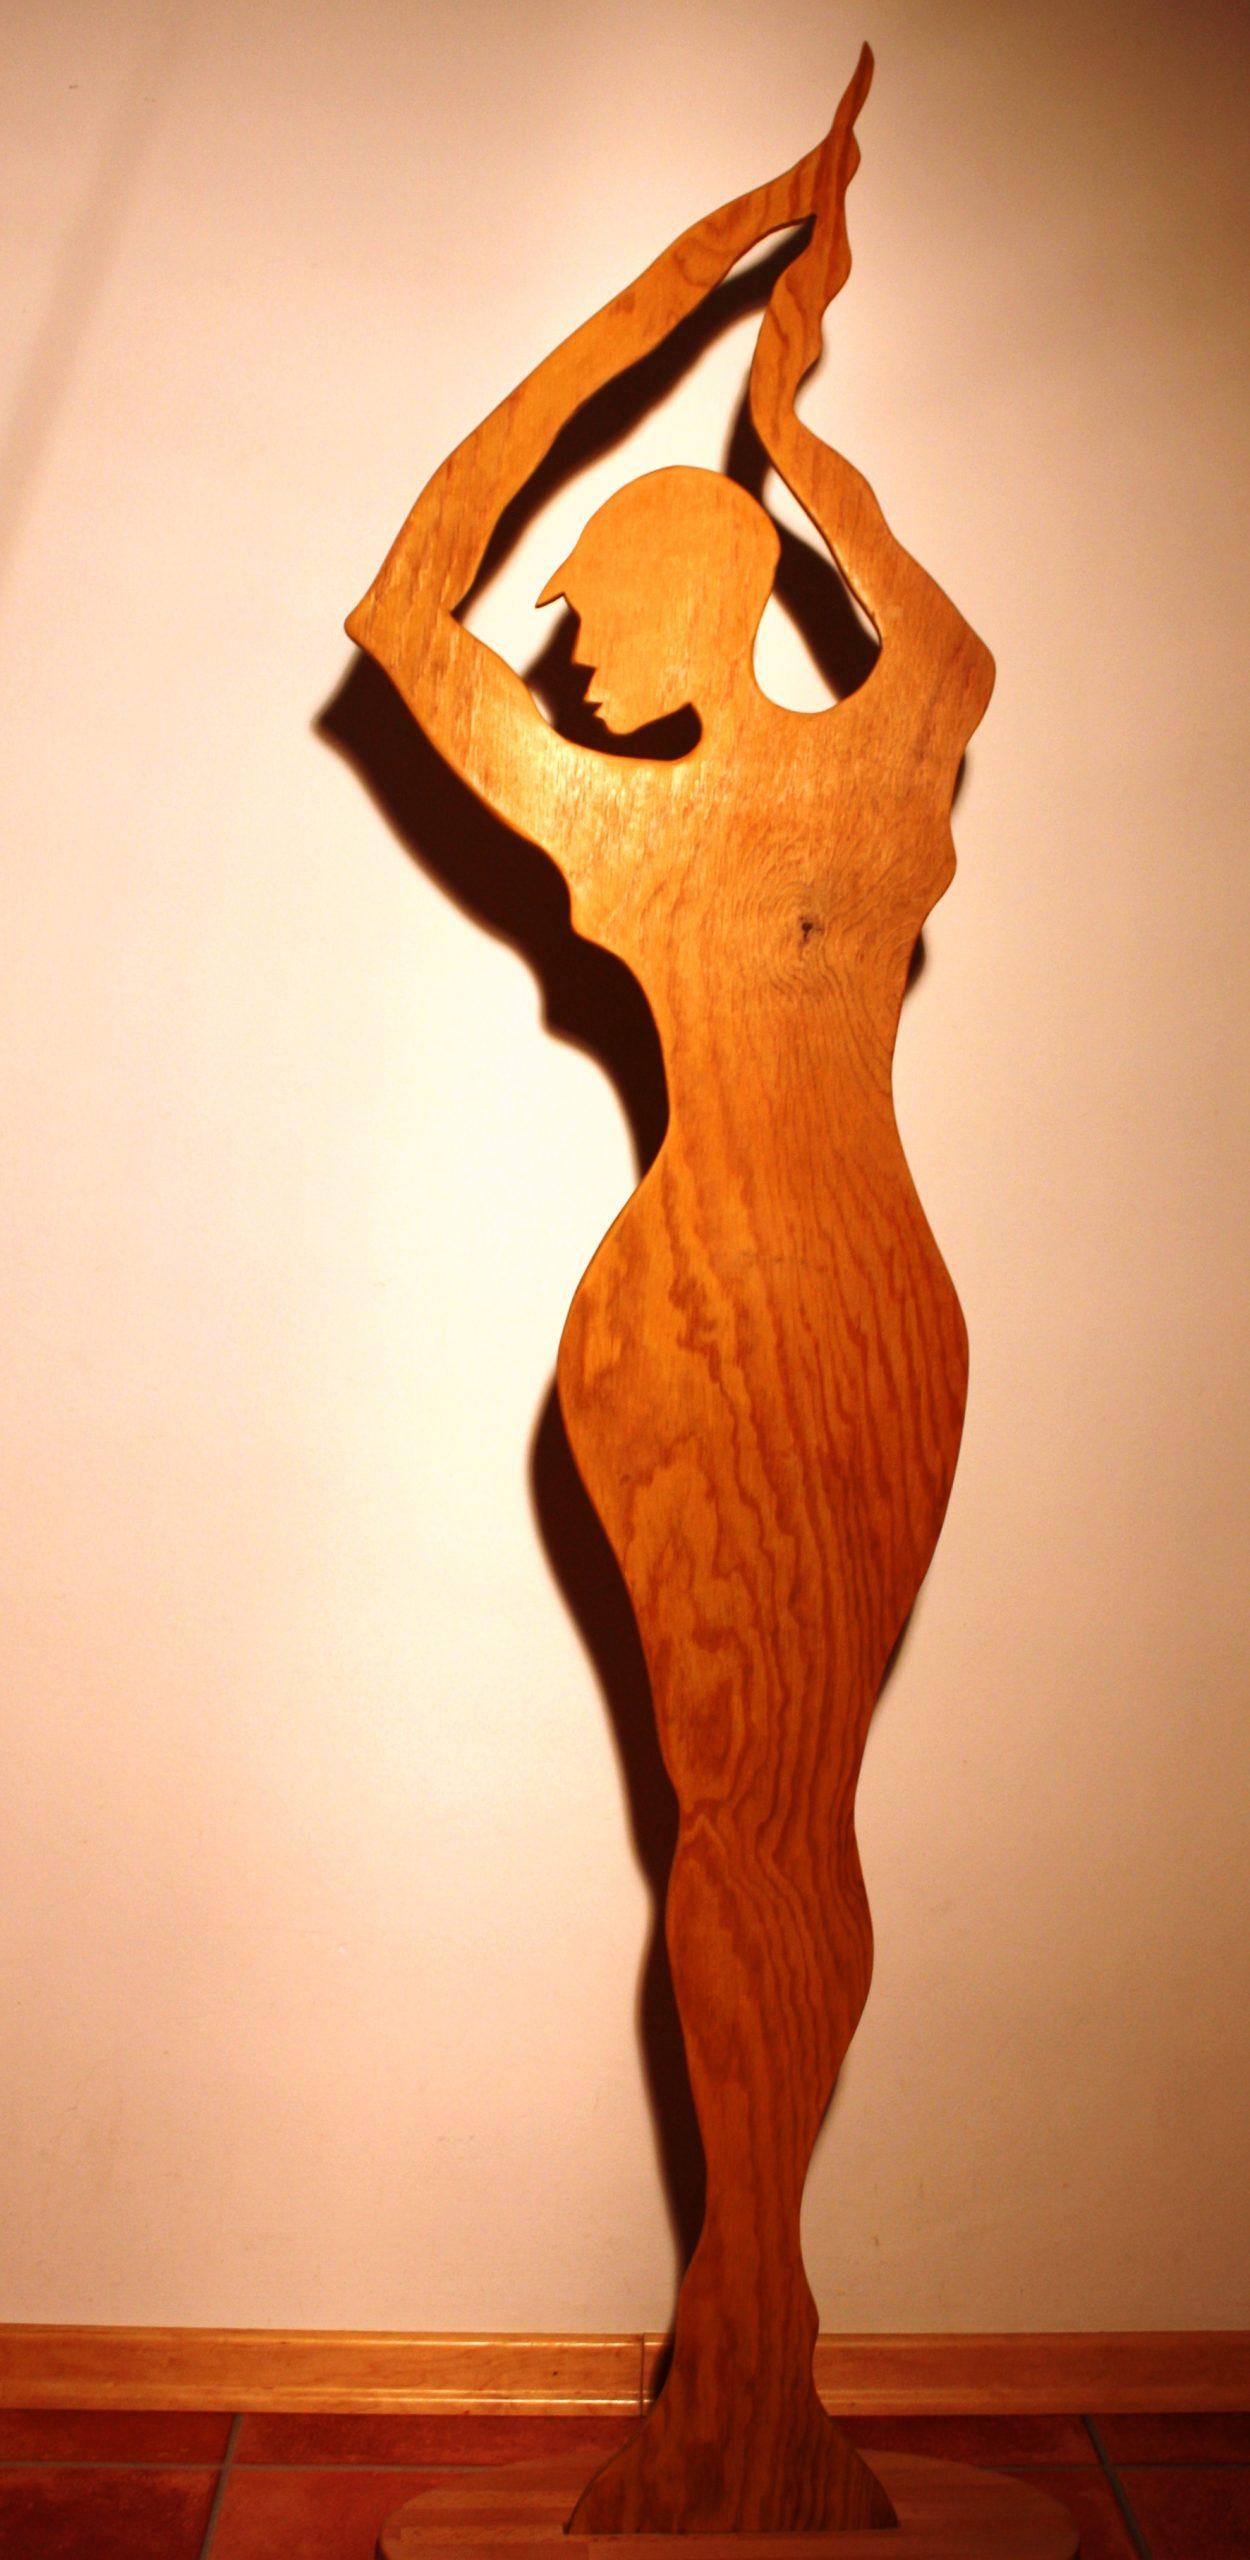 Brettfrau aus Holz, 2010